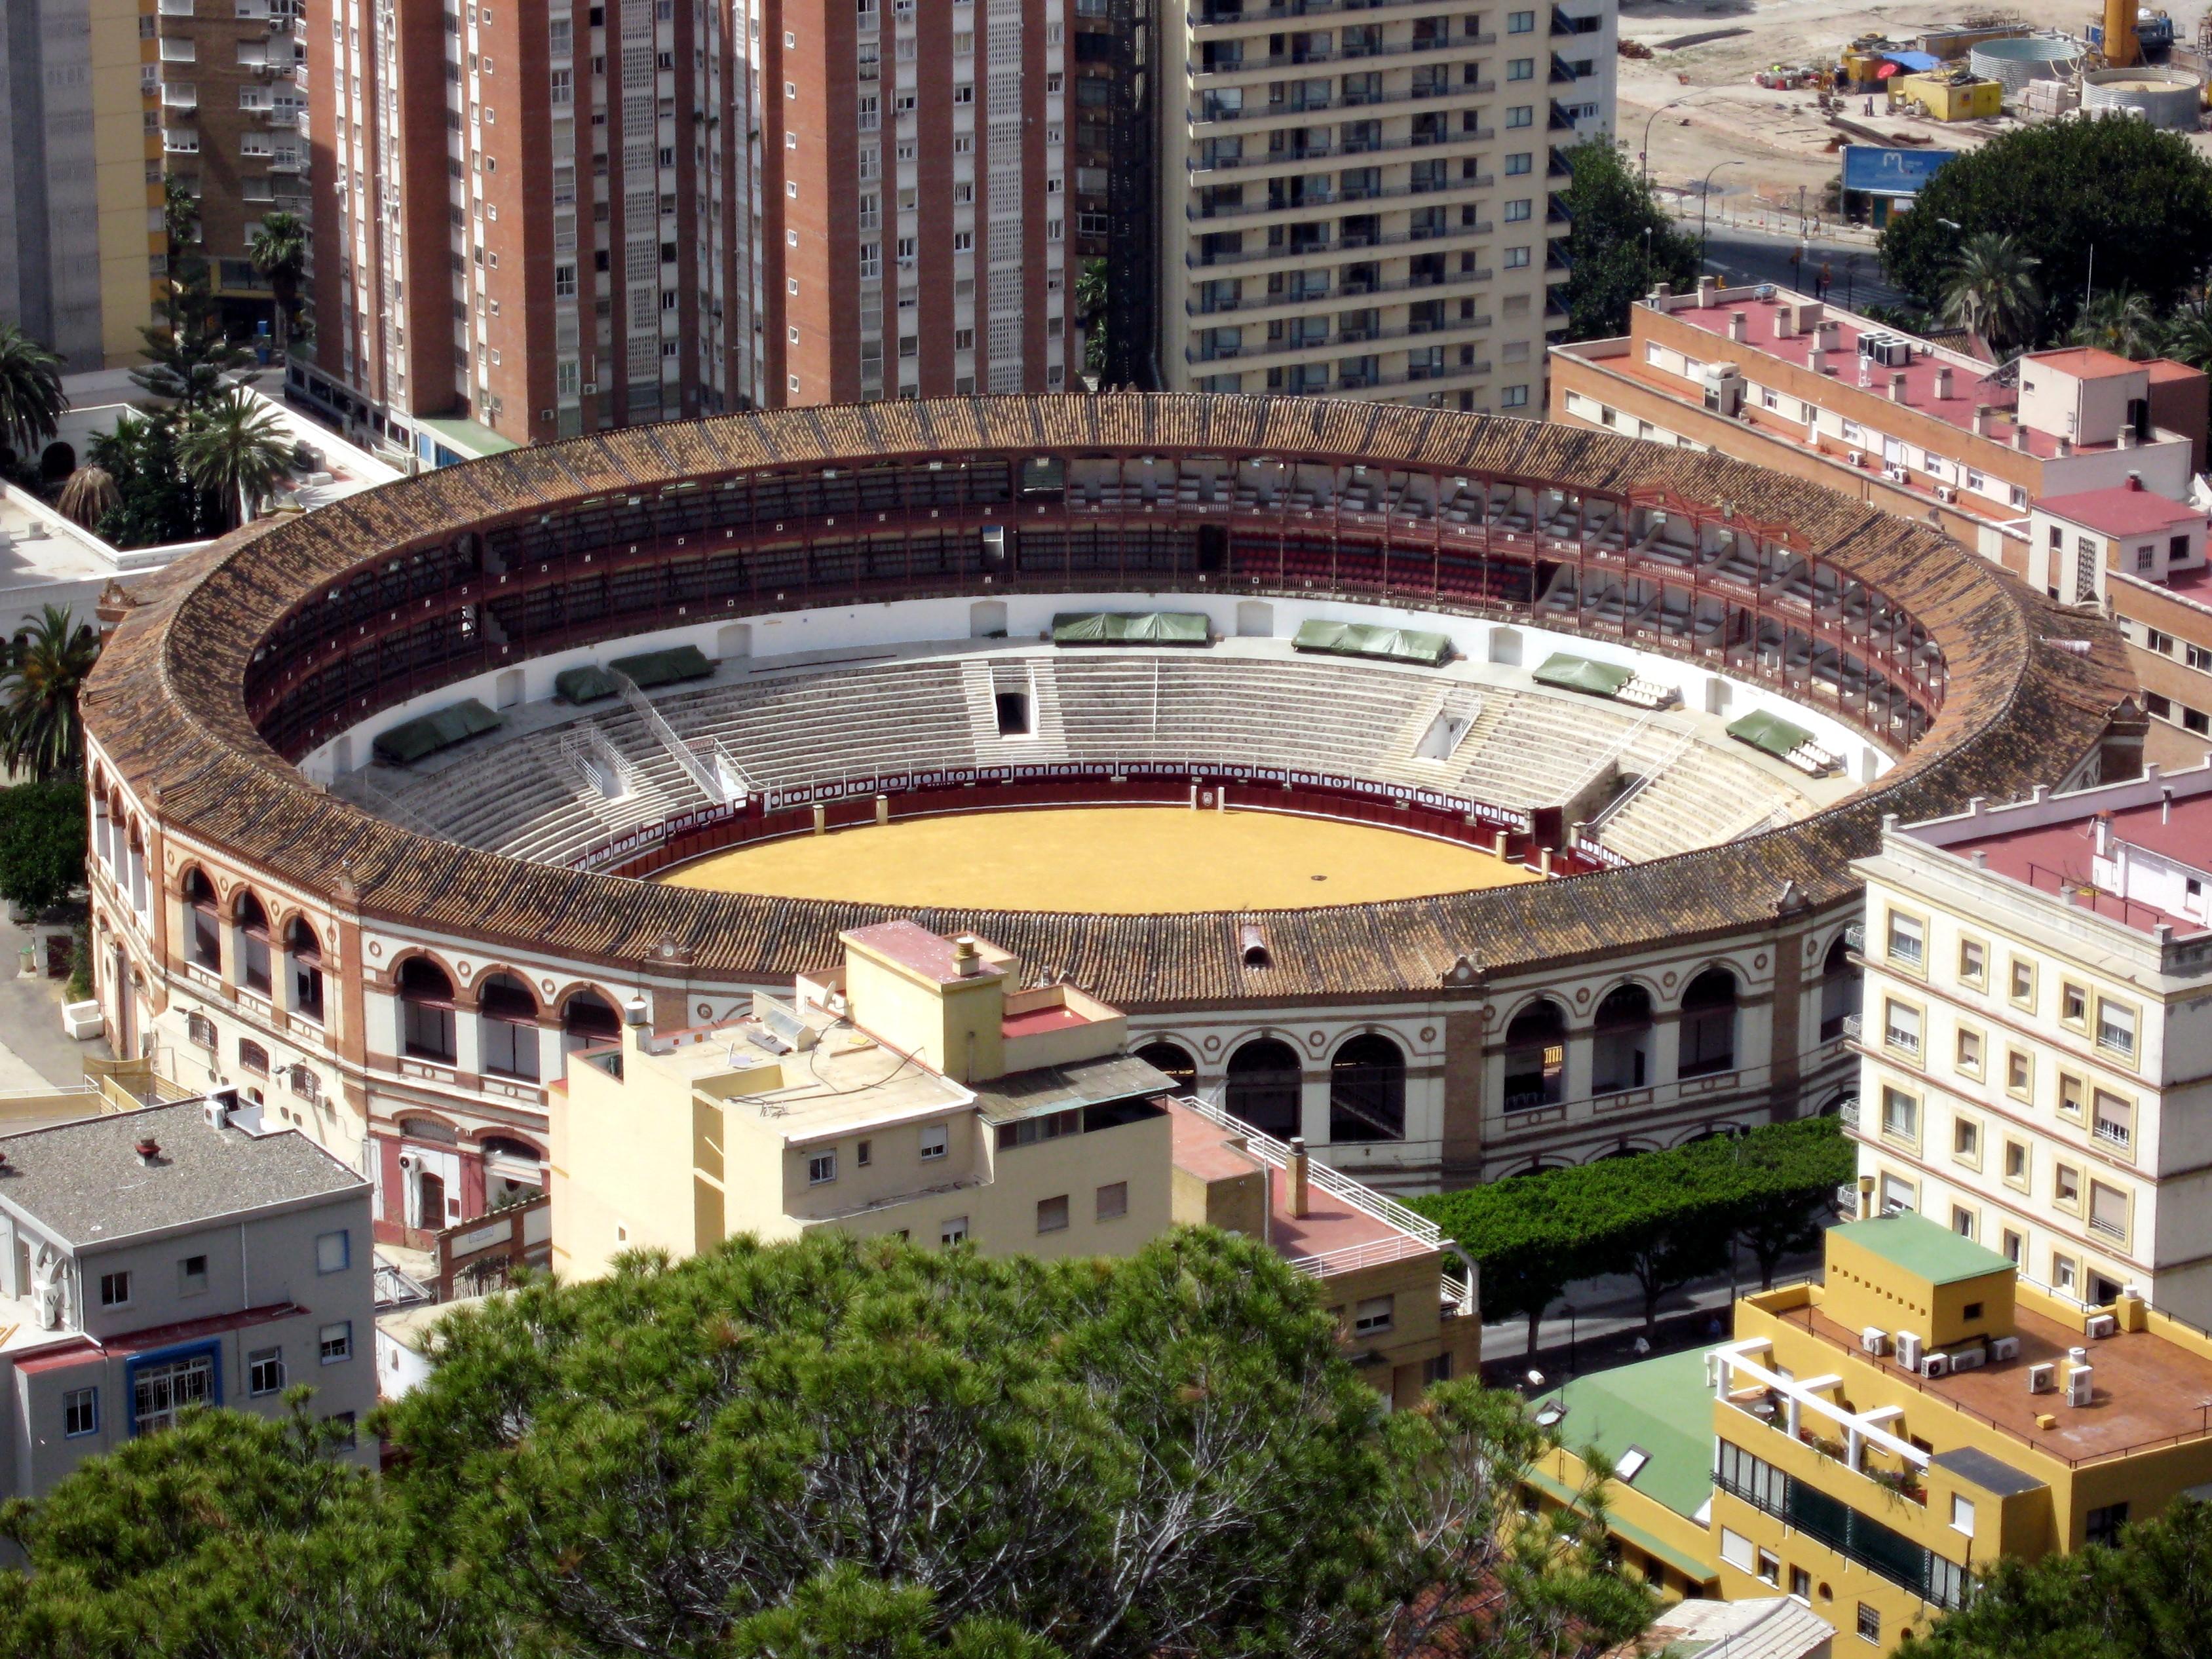 Plaza de toros de La Malagueta - Wikipedia, la enciclopedia libre